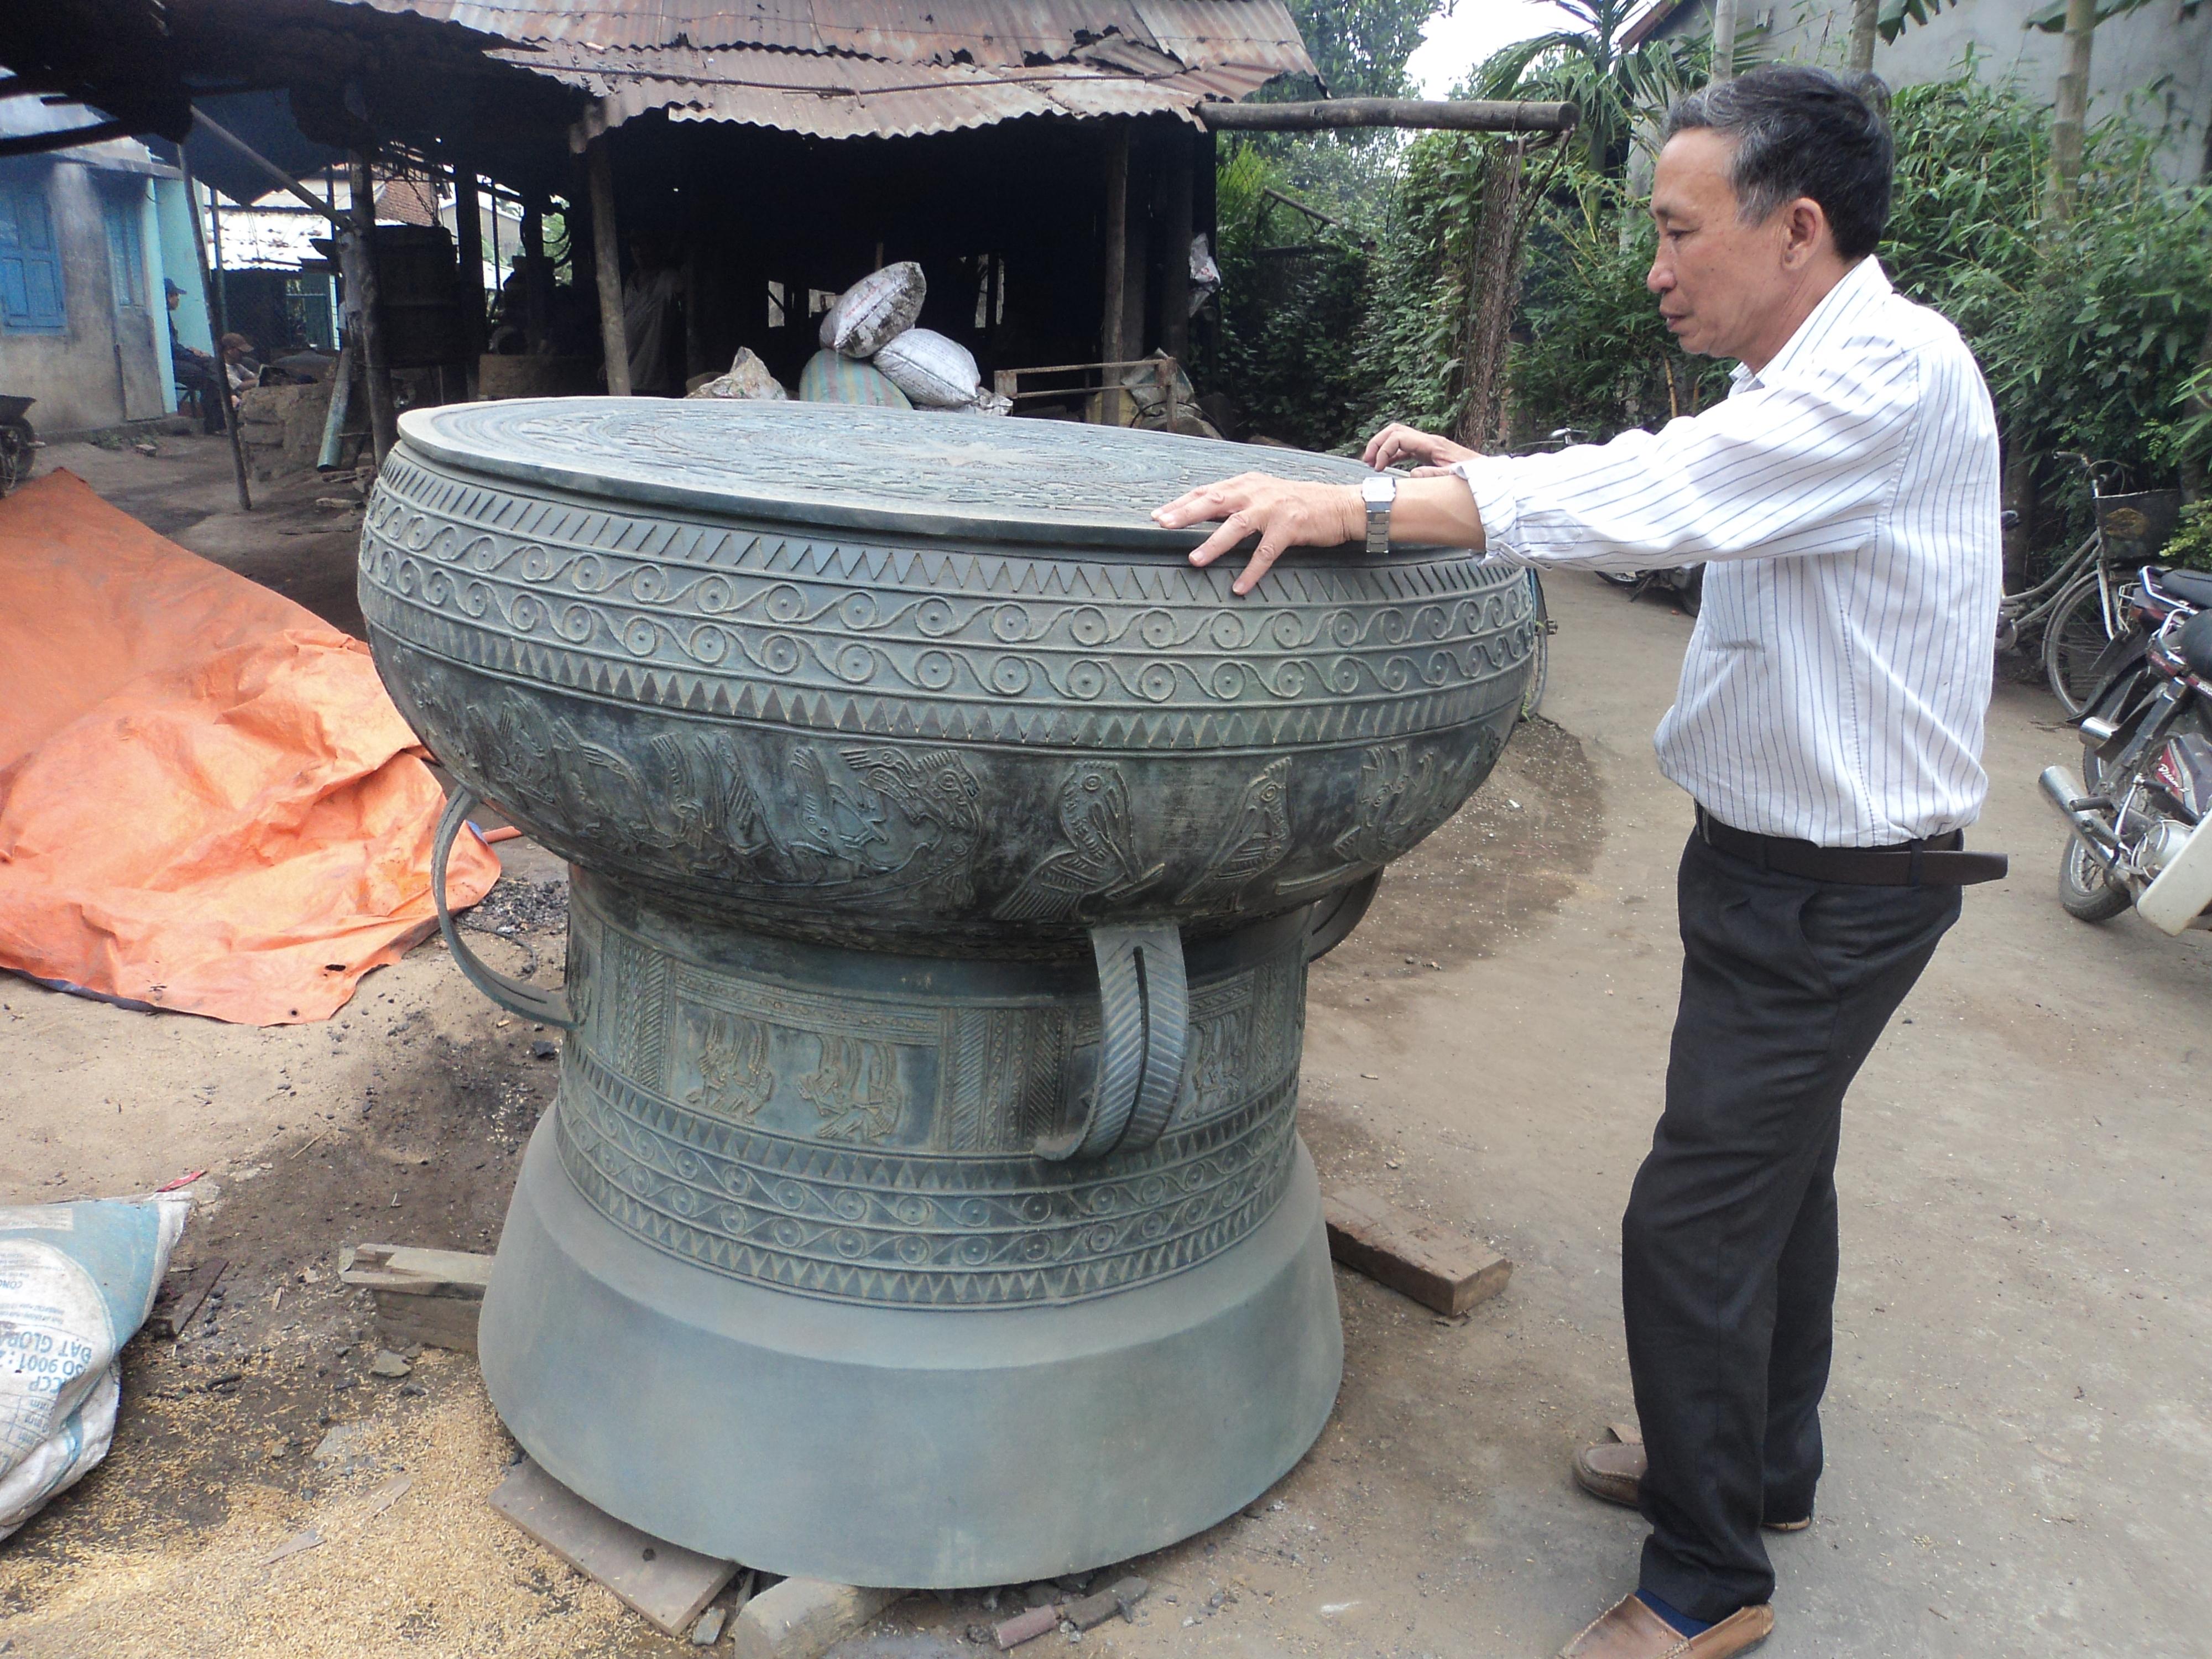 Một trong hai chiếc trống đồng khủng vừa được các nghệ nhân đúc đồng ở Quảng Nam chế tác thành công.